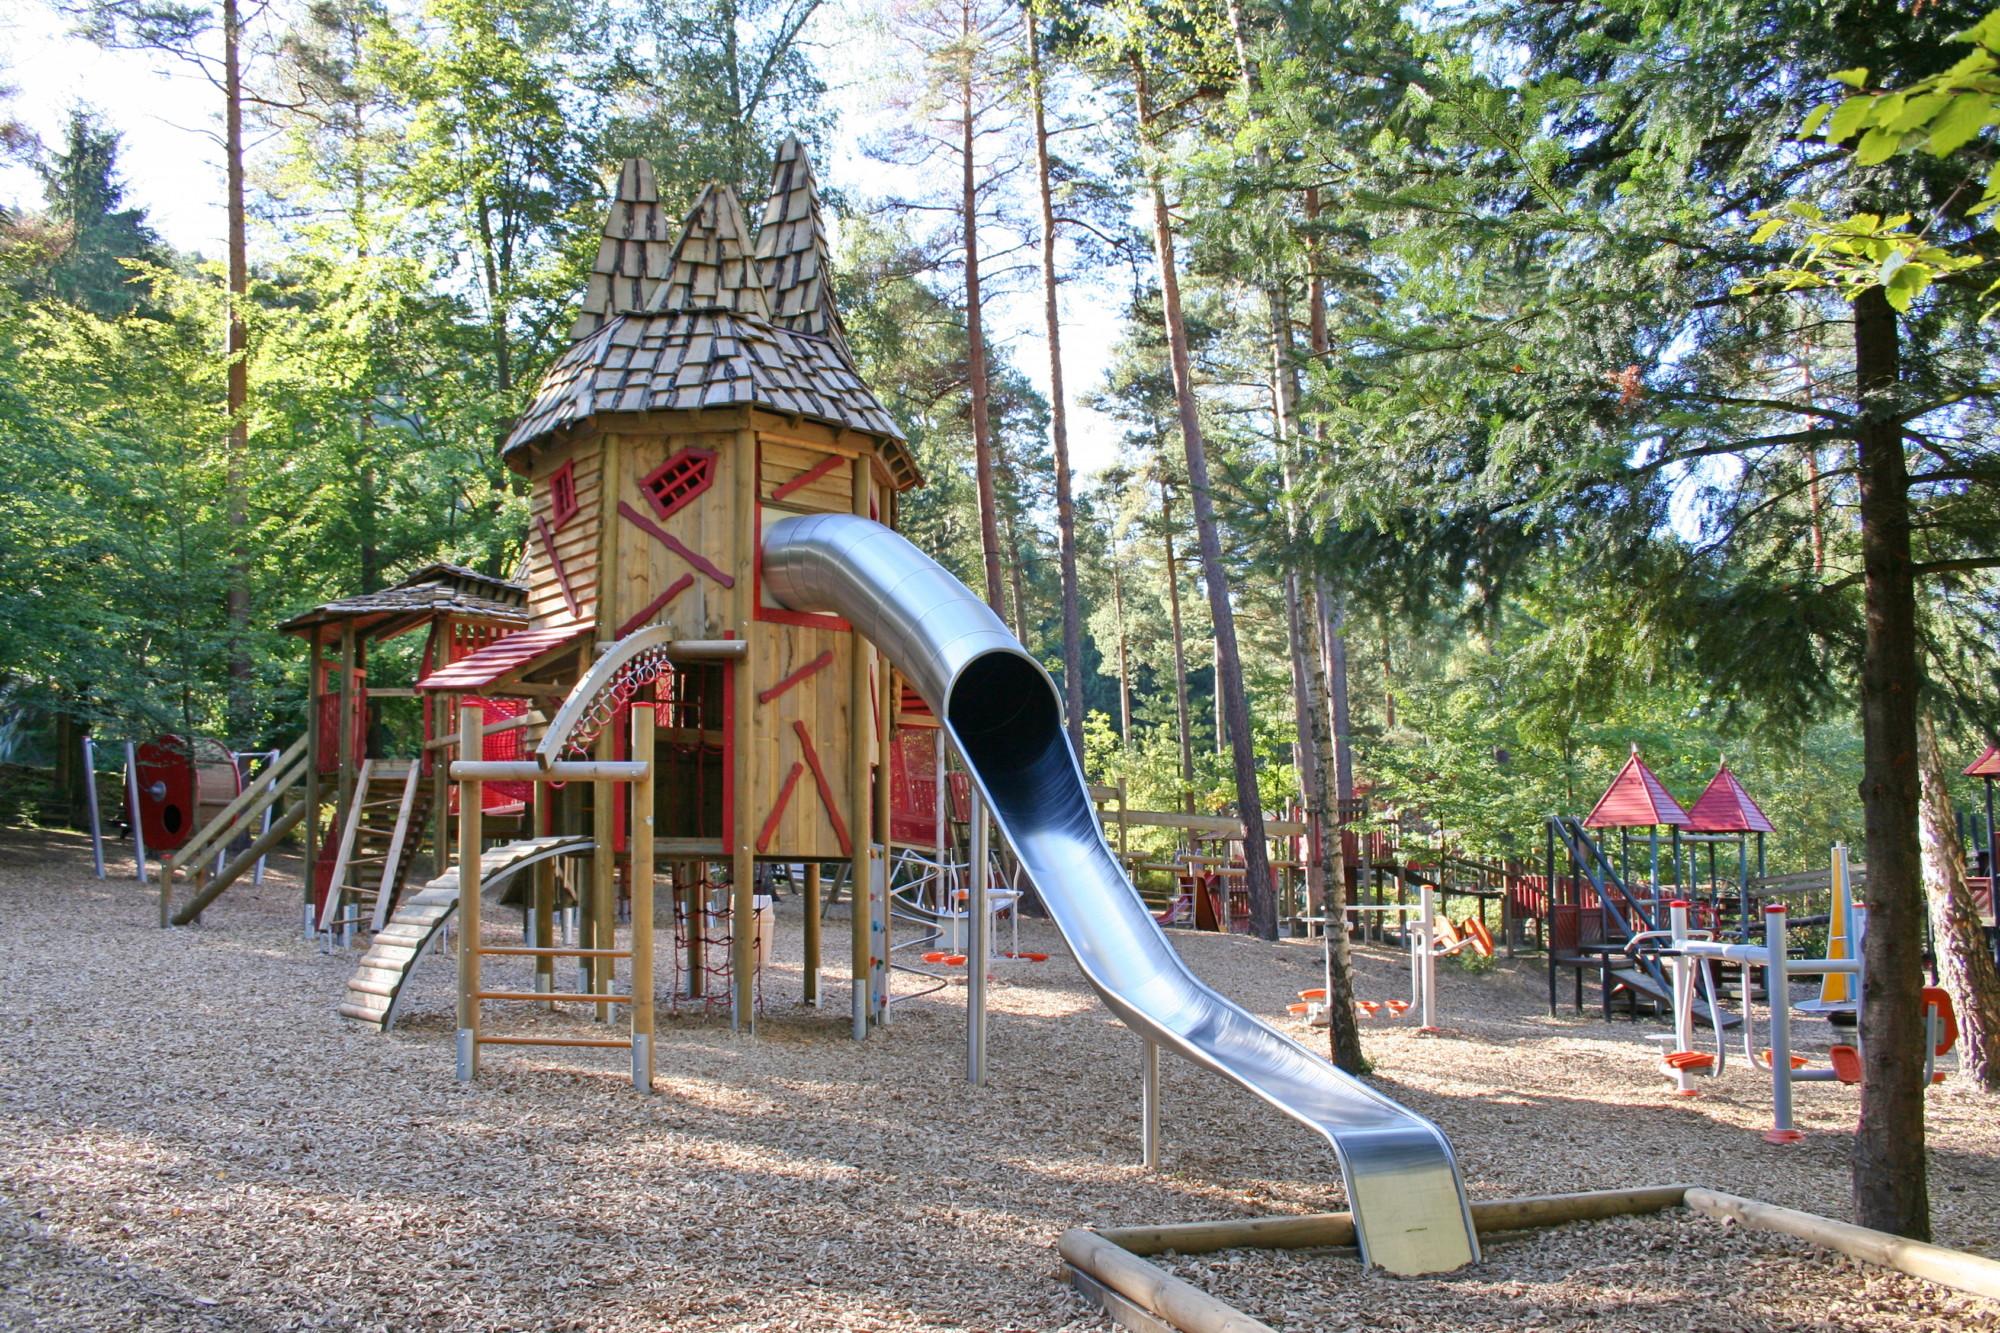 Klettergerüst Metall Spielplatz : Kompan spielplatzgeräte für spielplätze